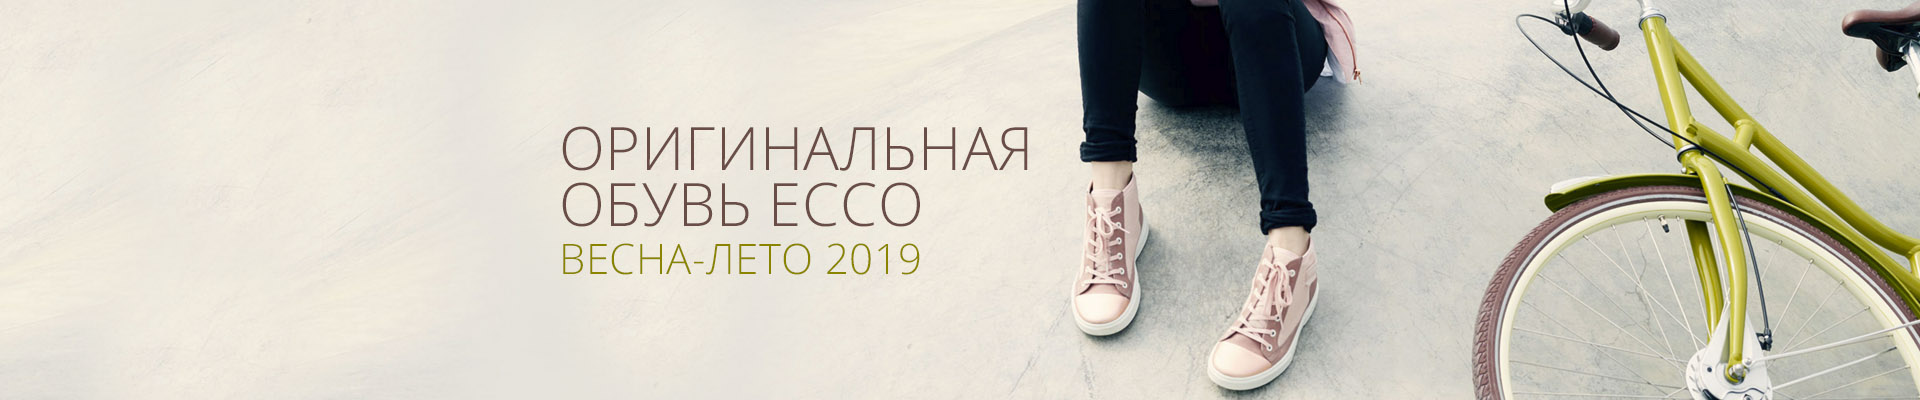 3194f6164 Обувь Экко – Интернет магазин E-Shoes | Купить обувь Ecco в Киеве ...